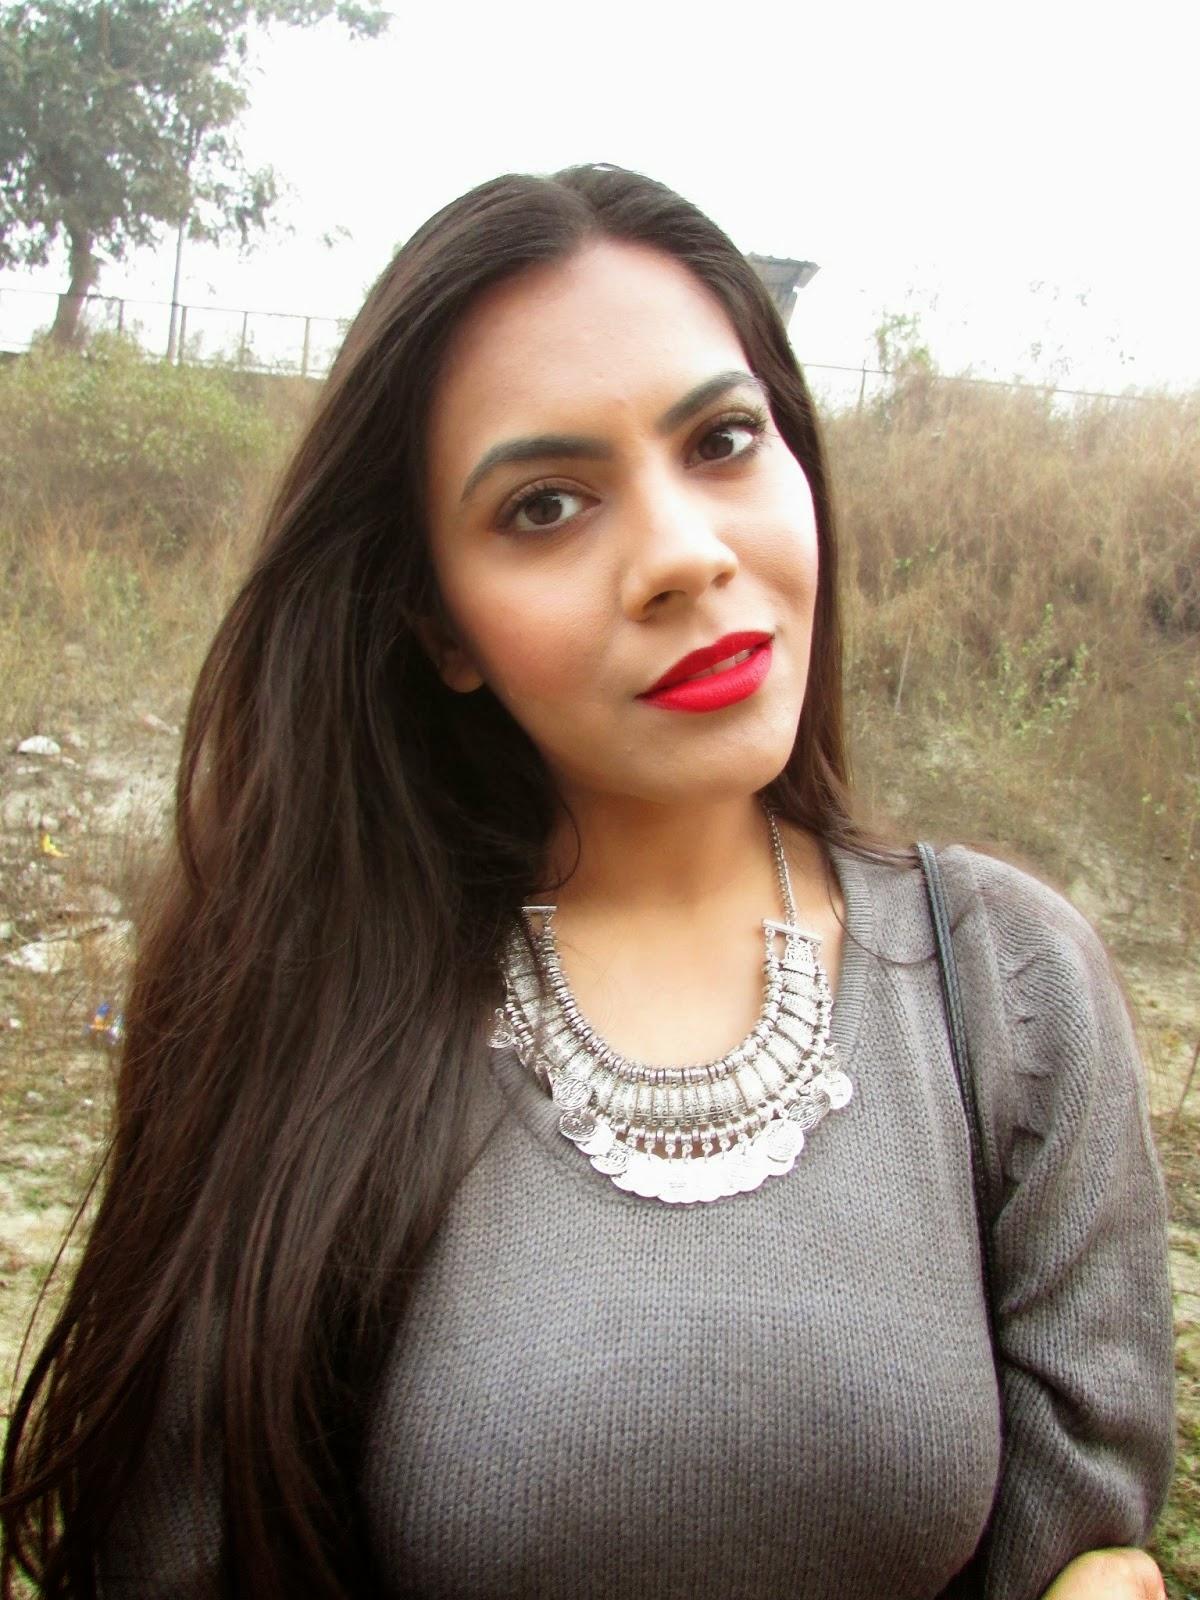 beauty , fashion,beauty and fashion,beauty blog, fashion blog , indian beauty blog,indian fashion blog, beauty and fashion blog, indian beauty and fashion blog, indian bloggers, indian beauty bloggers, indian fashion bloggers,indian bloggers online, top 10 indian bloggers, top indian bloggers,top 10 fashion bloggers, indian bloggers on blogspot,home remedies, how to